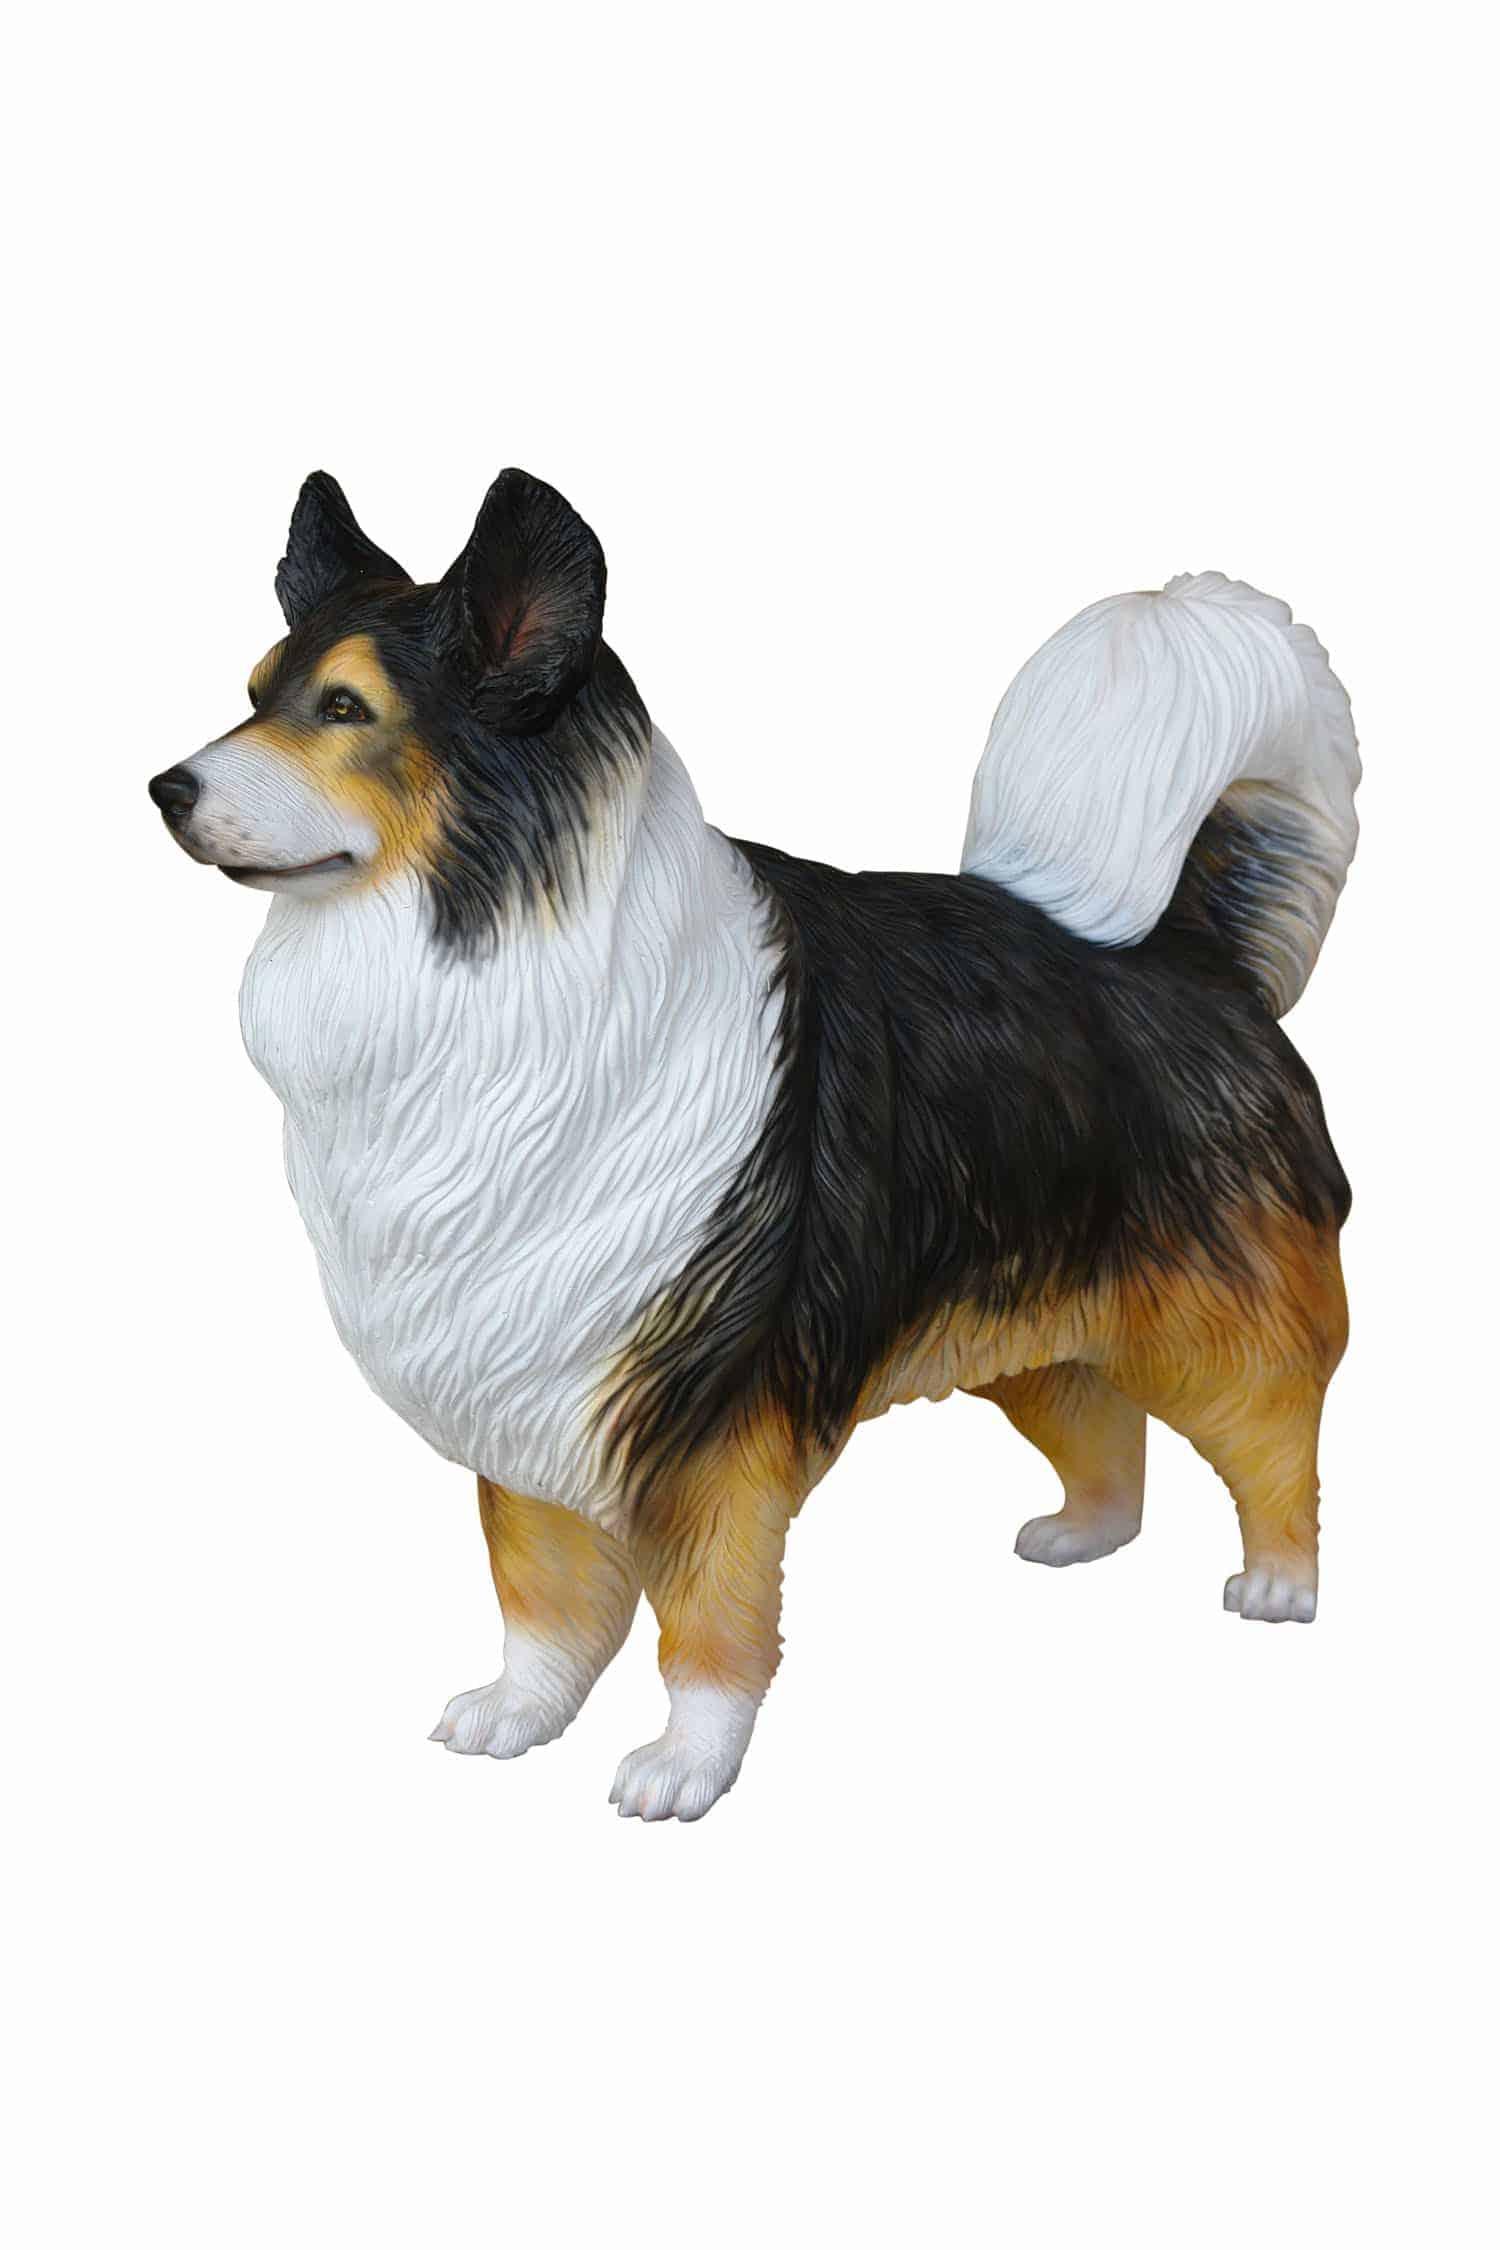 פסל כלב זאב אוסטרלי